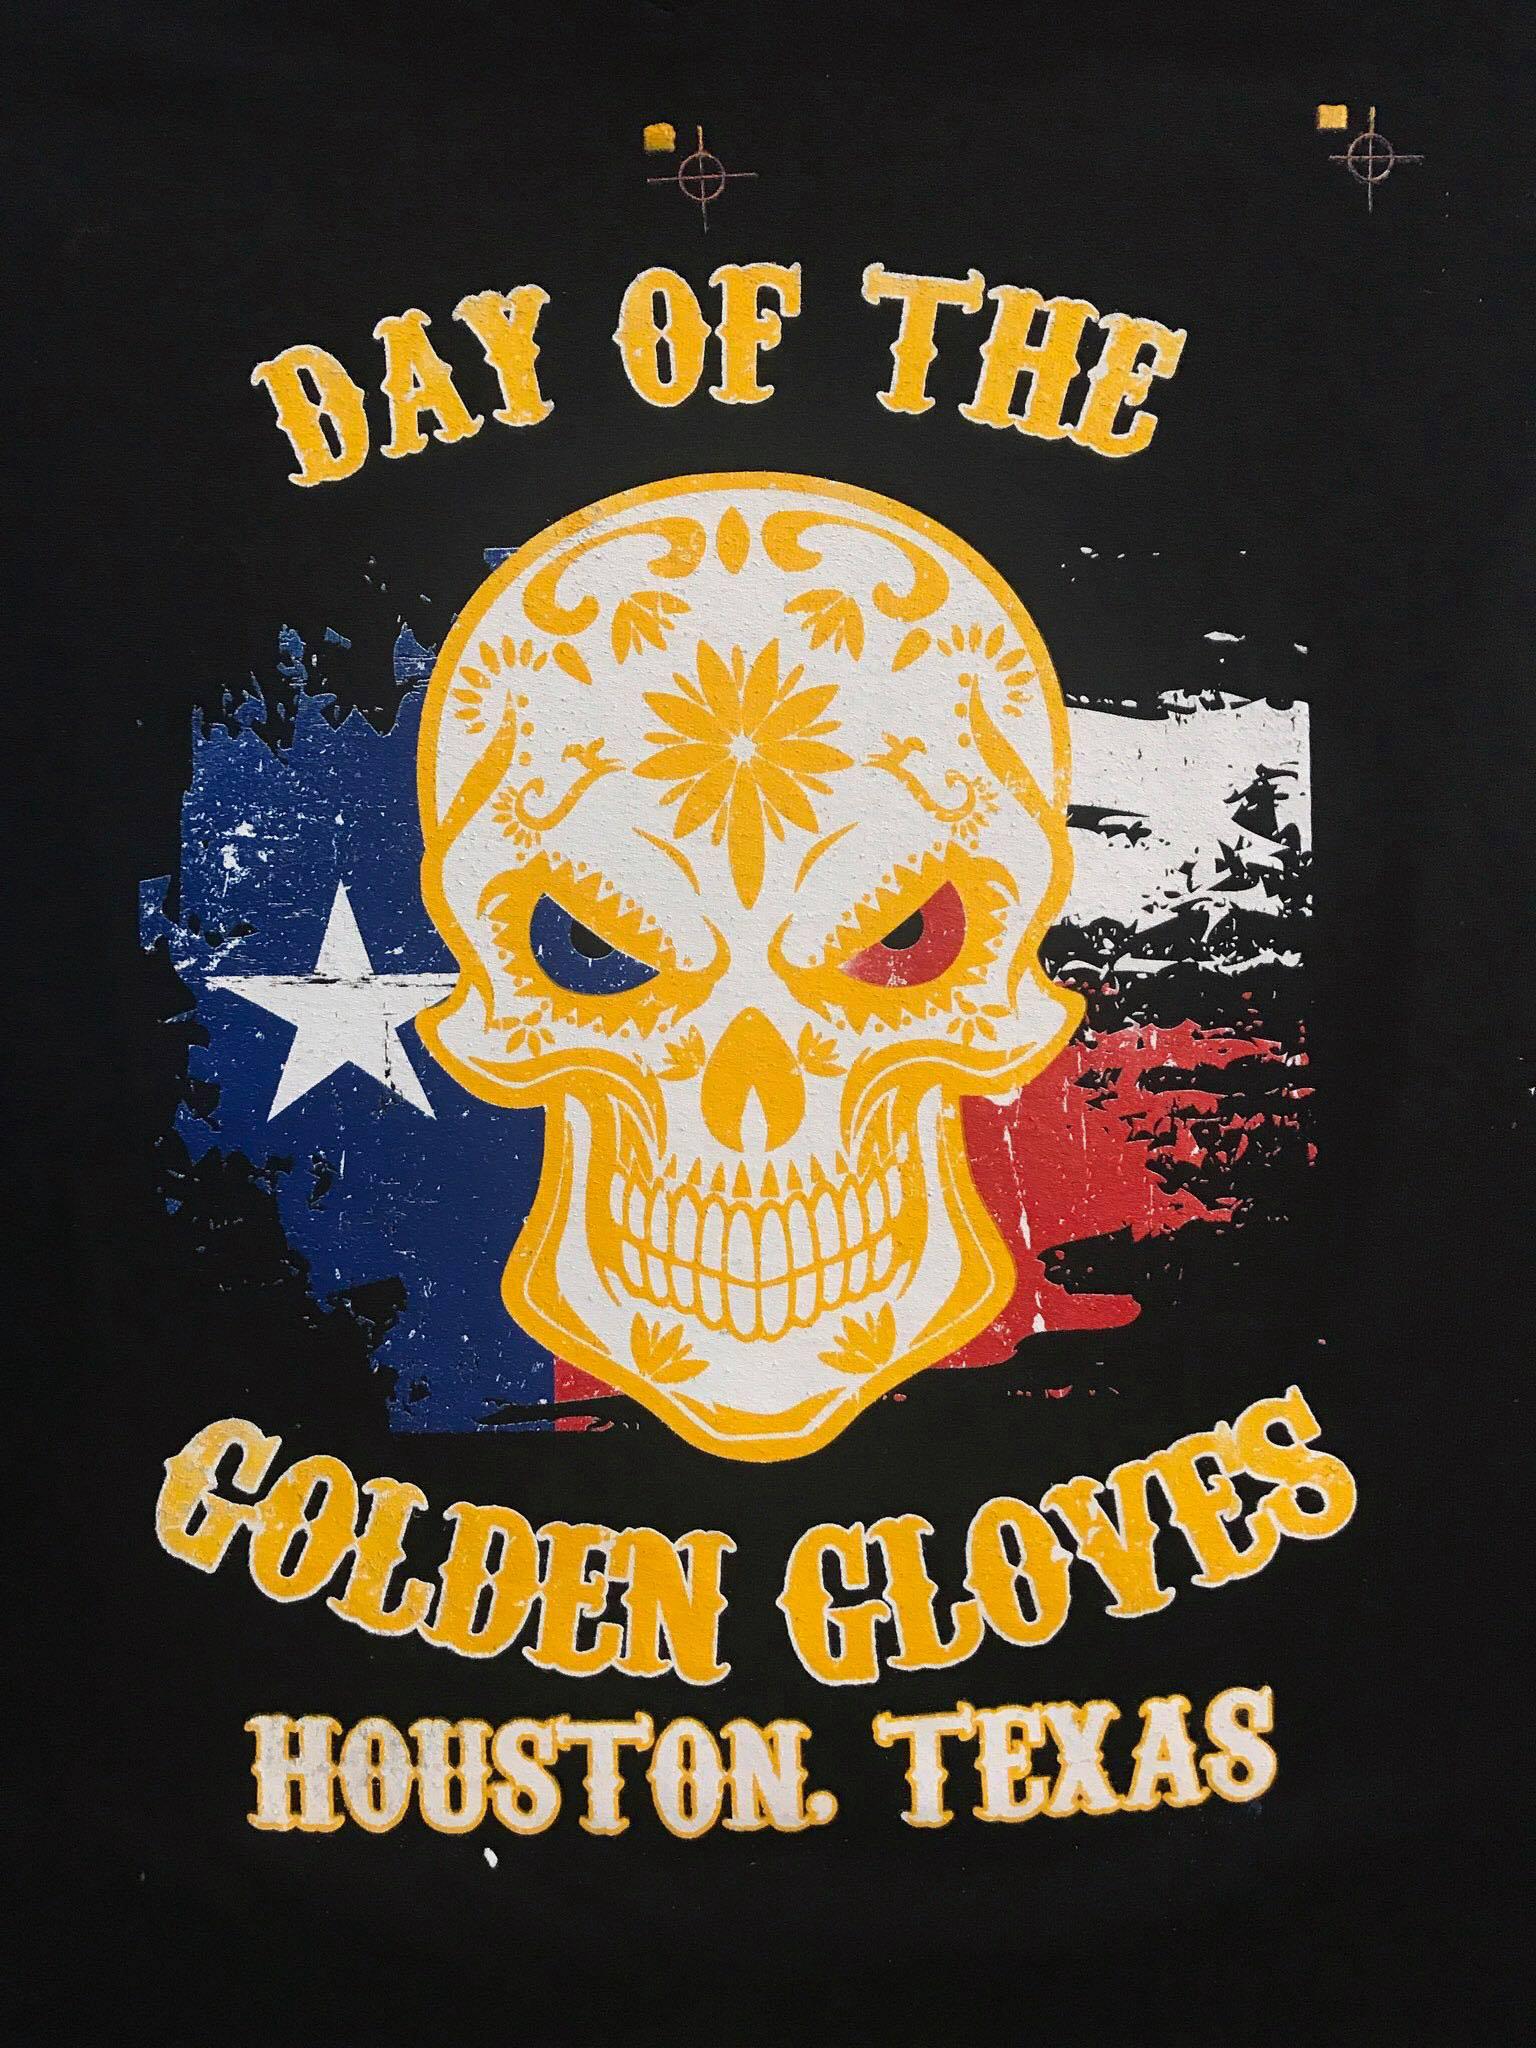 day of golden gloves houston texas